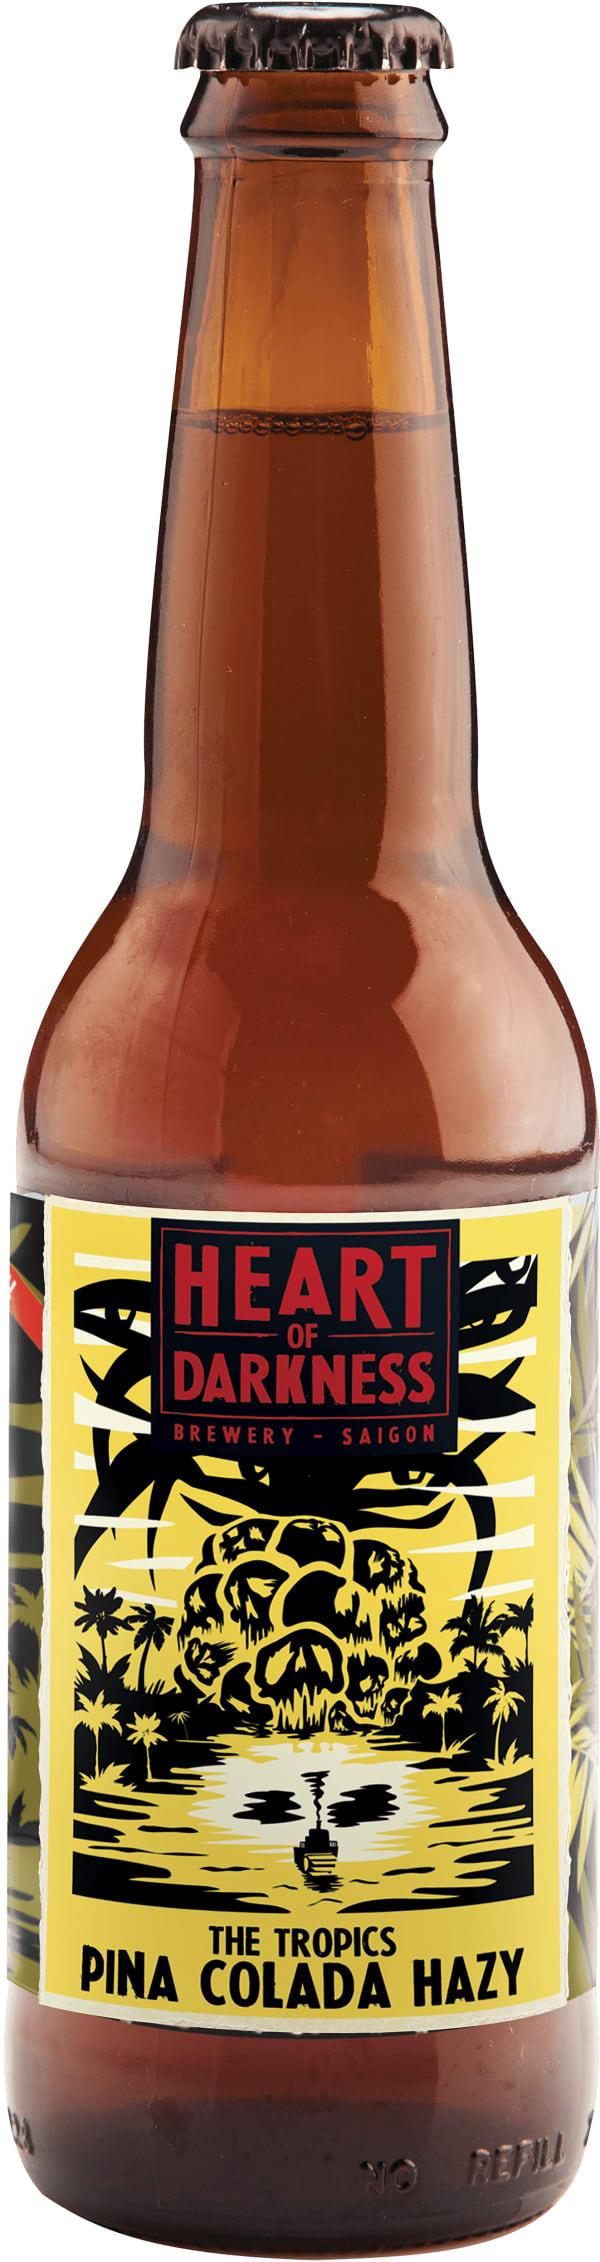 Heart of Darkness The Tropics Pina Colada Hazy